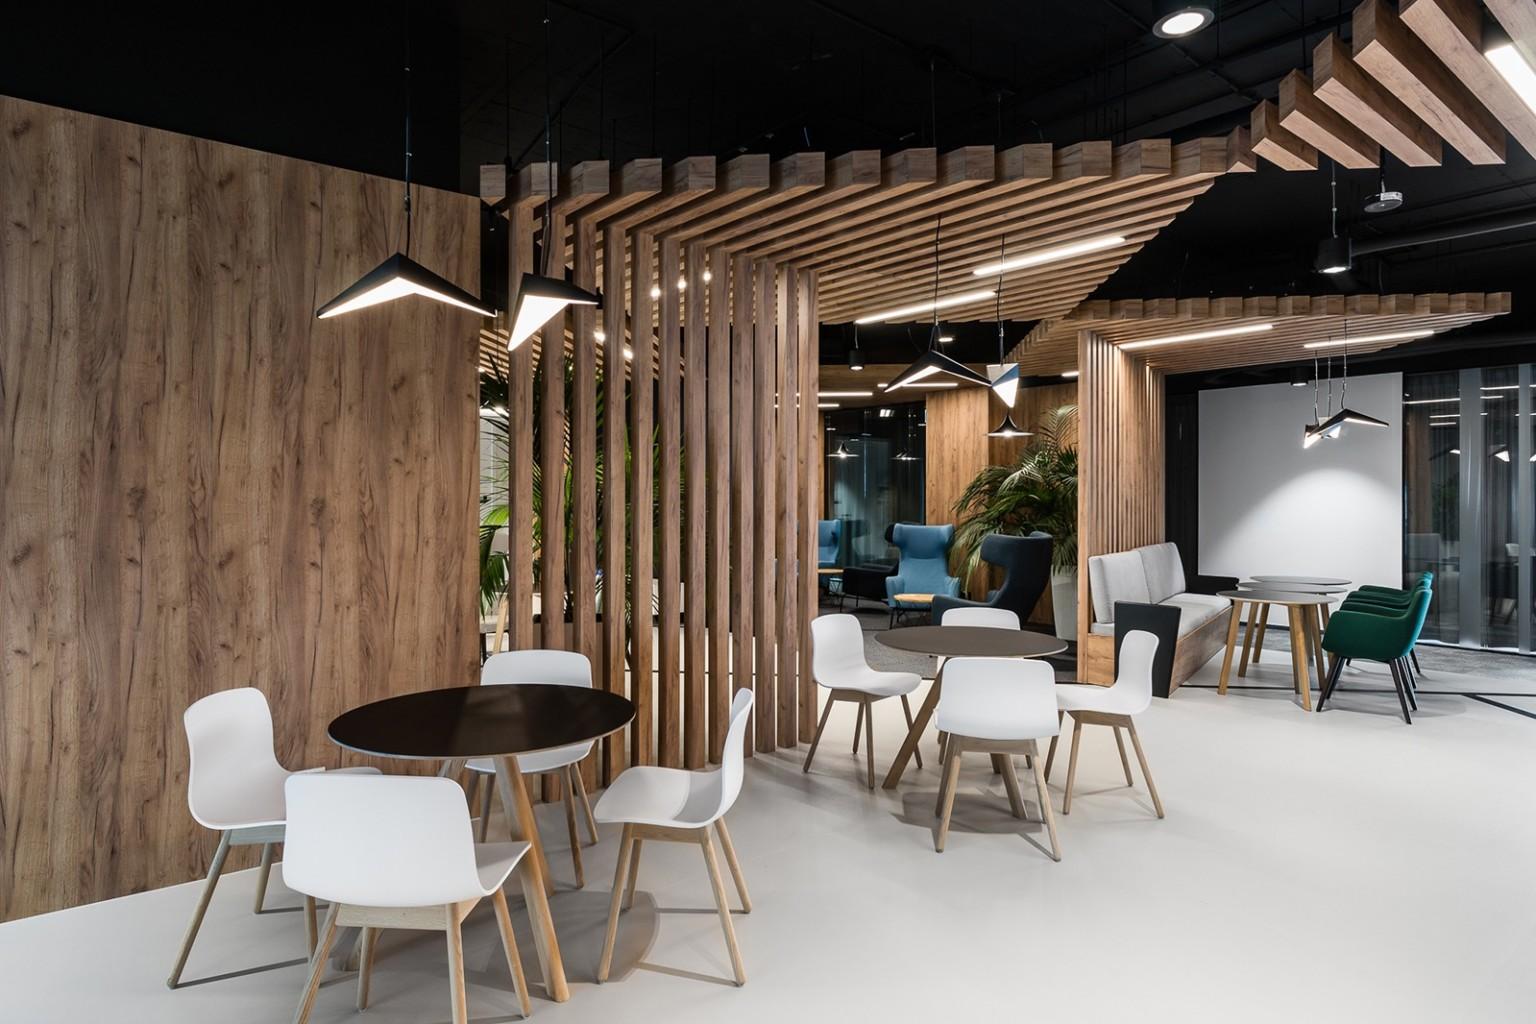 eset-office-krakow-7-768x512@2x.jpg